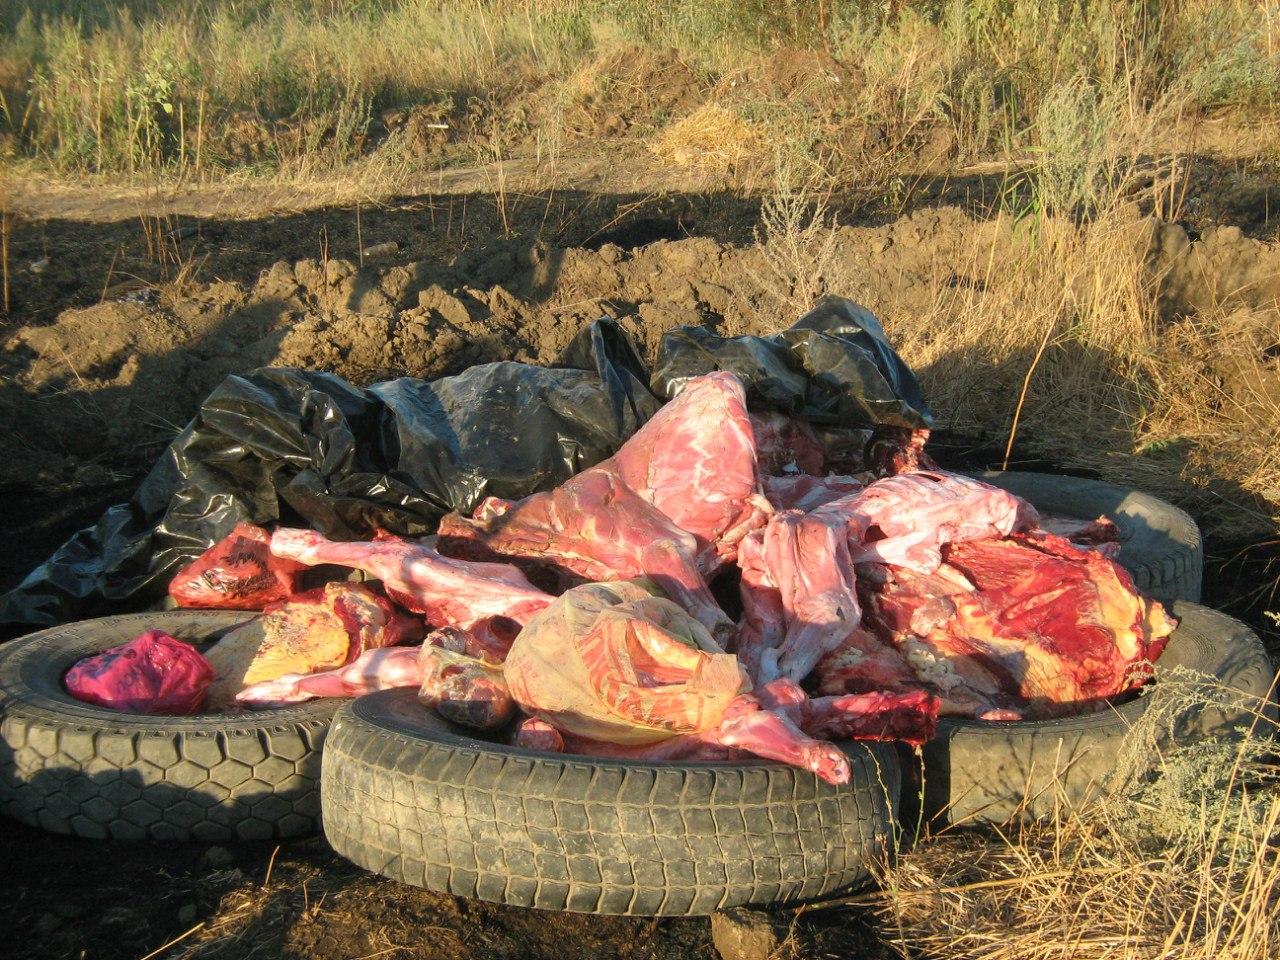 Ветеинспекторами Ростовской области с начала года задержано около 28 тонн нелегального мяса